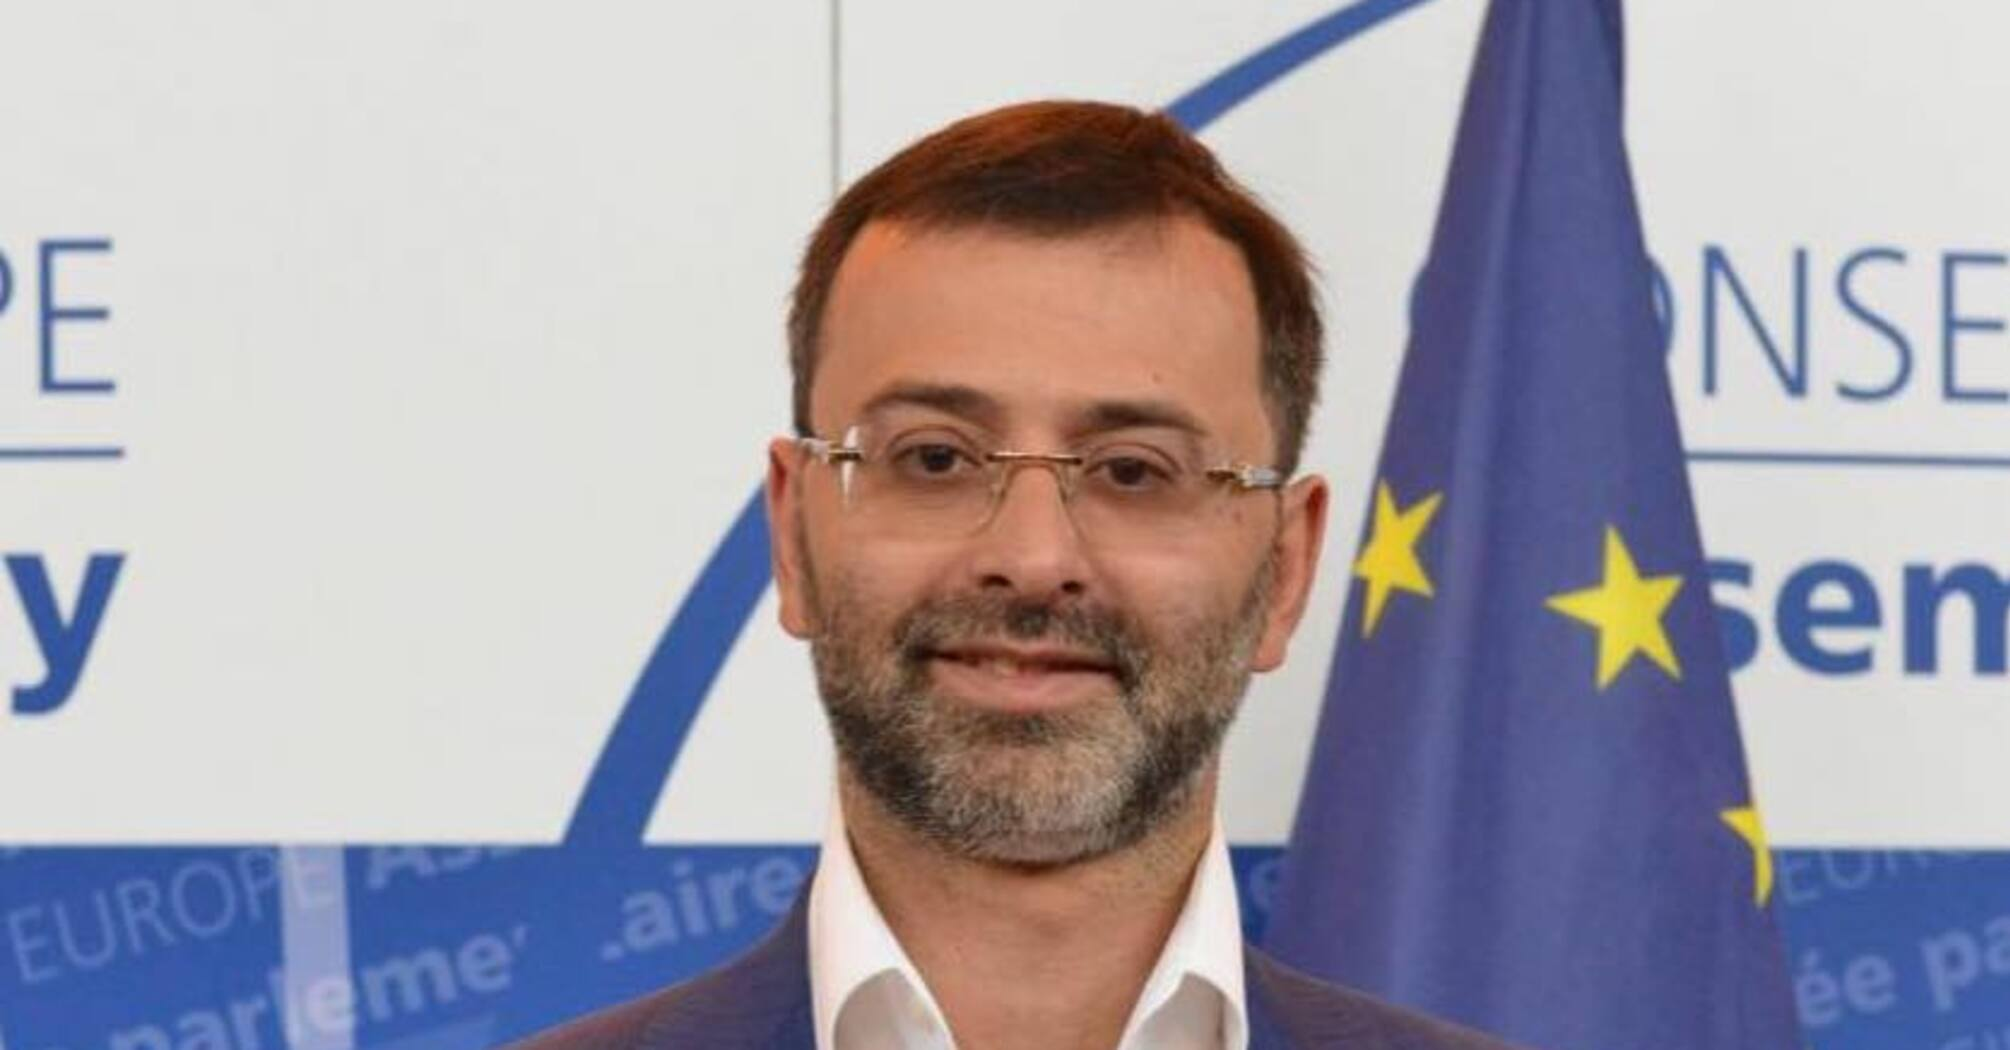 ЄСПЛ відмовився знімати імунітет з ексдепутата Логвінського і звинуватив НАБУ у порушеннях